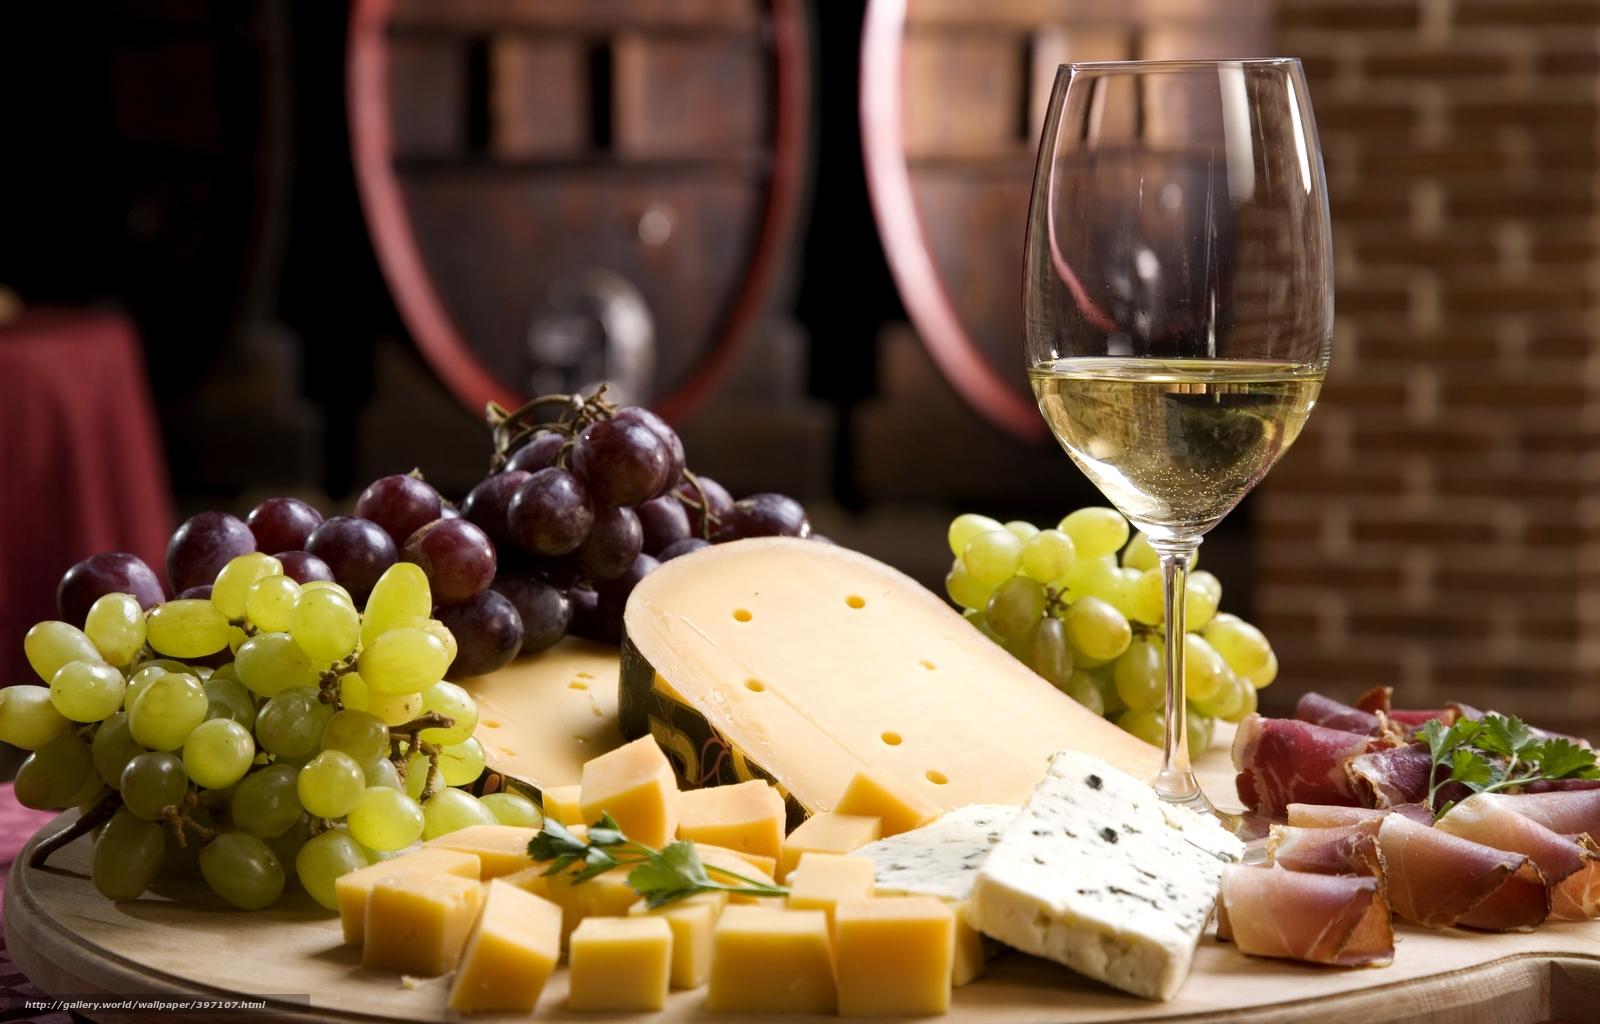 image vin blanc raisins et fromages